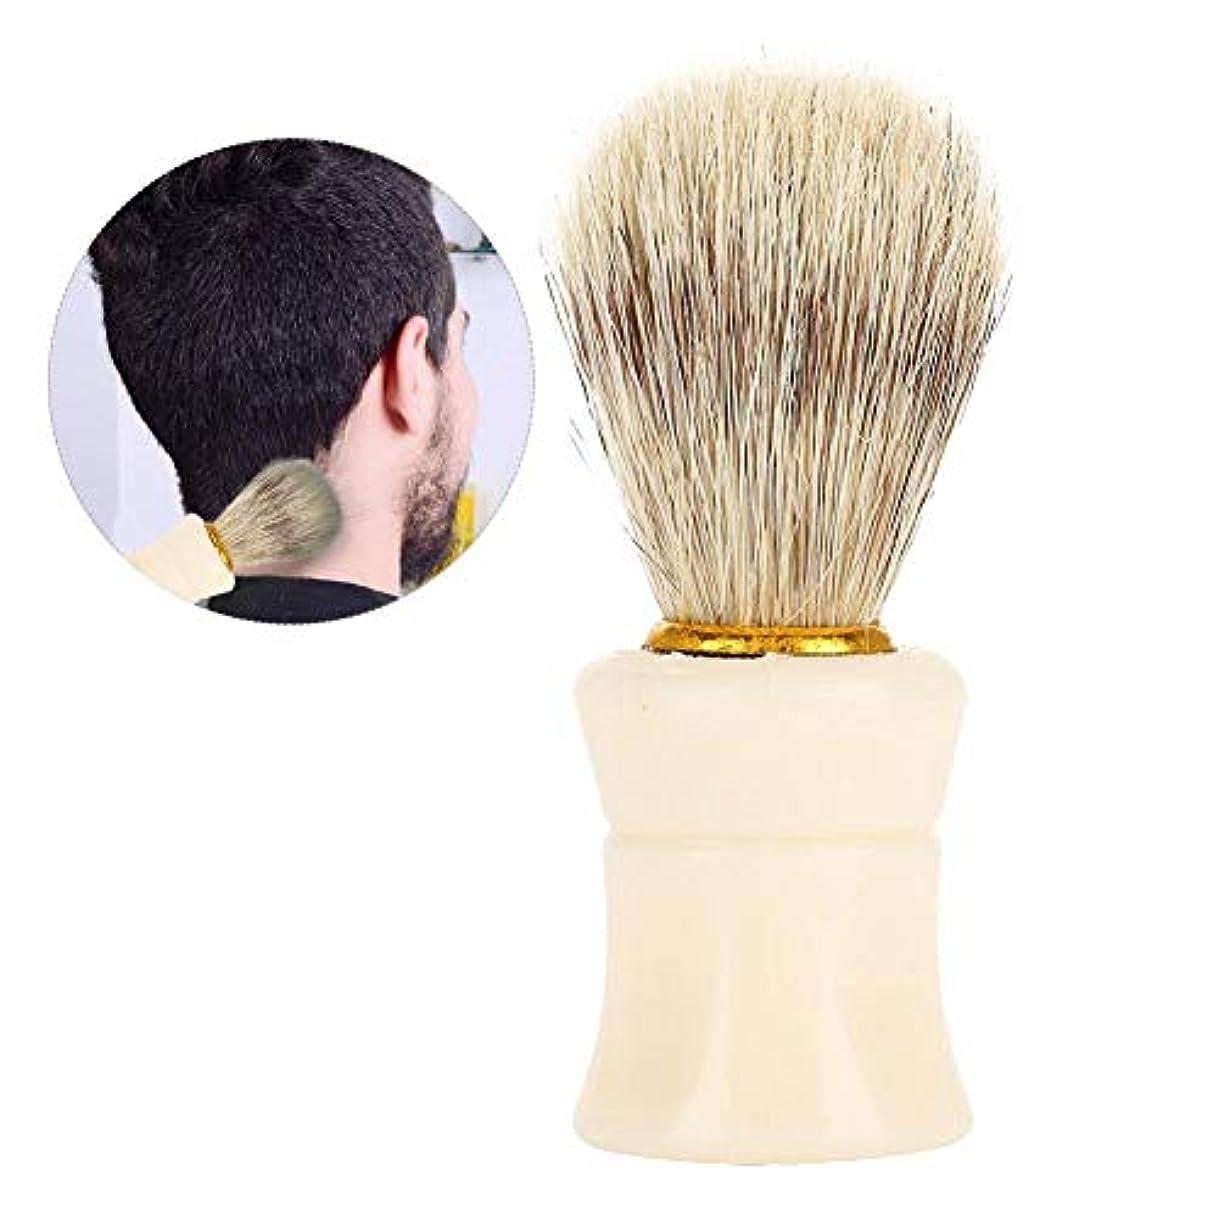 ショット固有の強調Semme理髪師クリーニングヘアブラシヘアスイープブラシ、プロフェッショナルネックダスターブラシ理髪師理髪クリーニングヘアブラシ